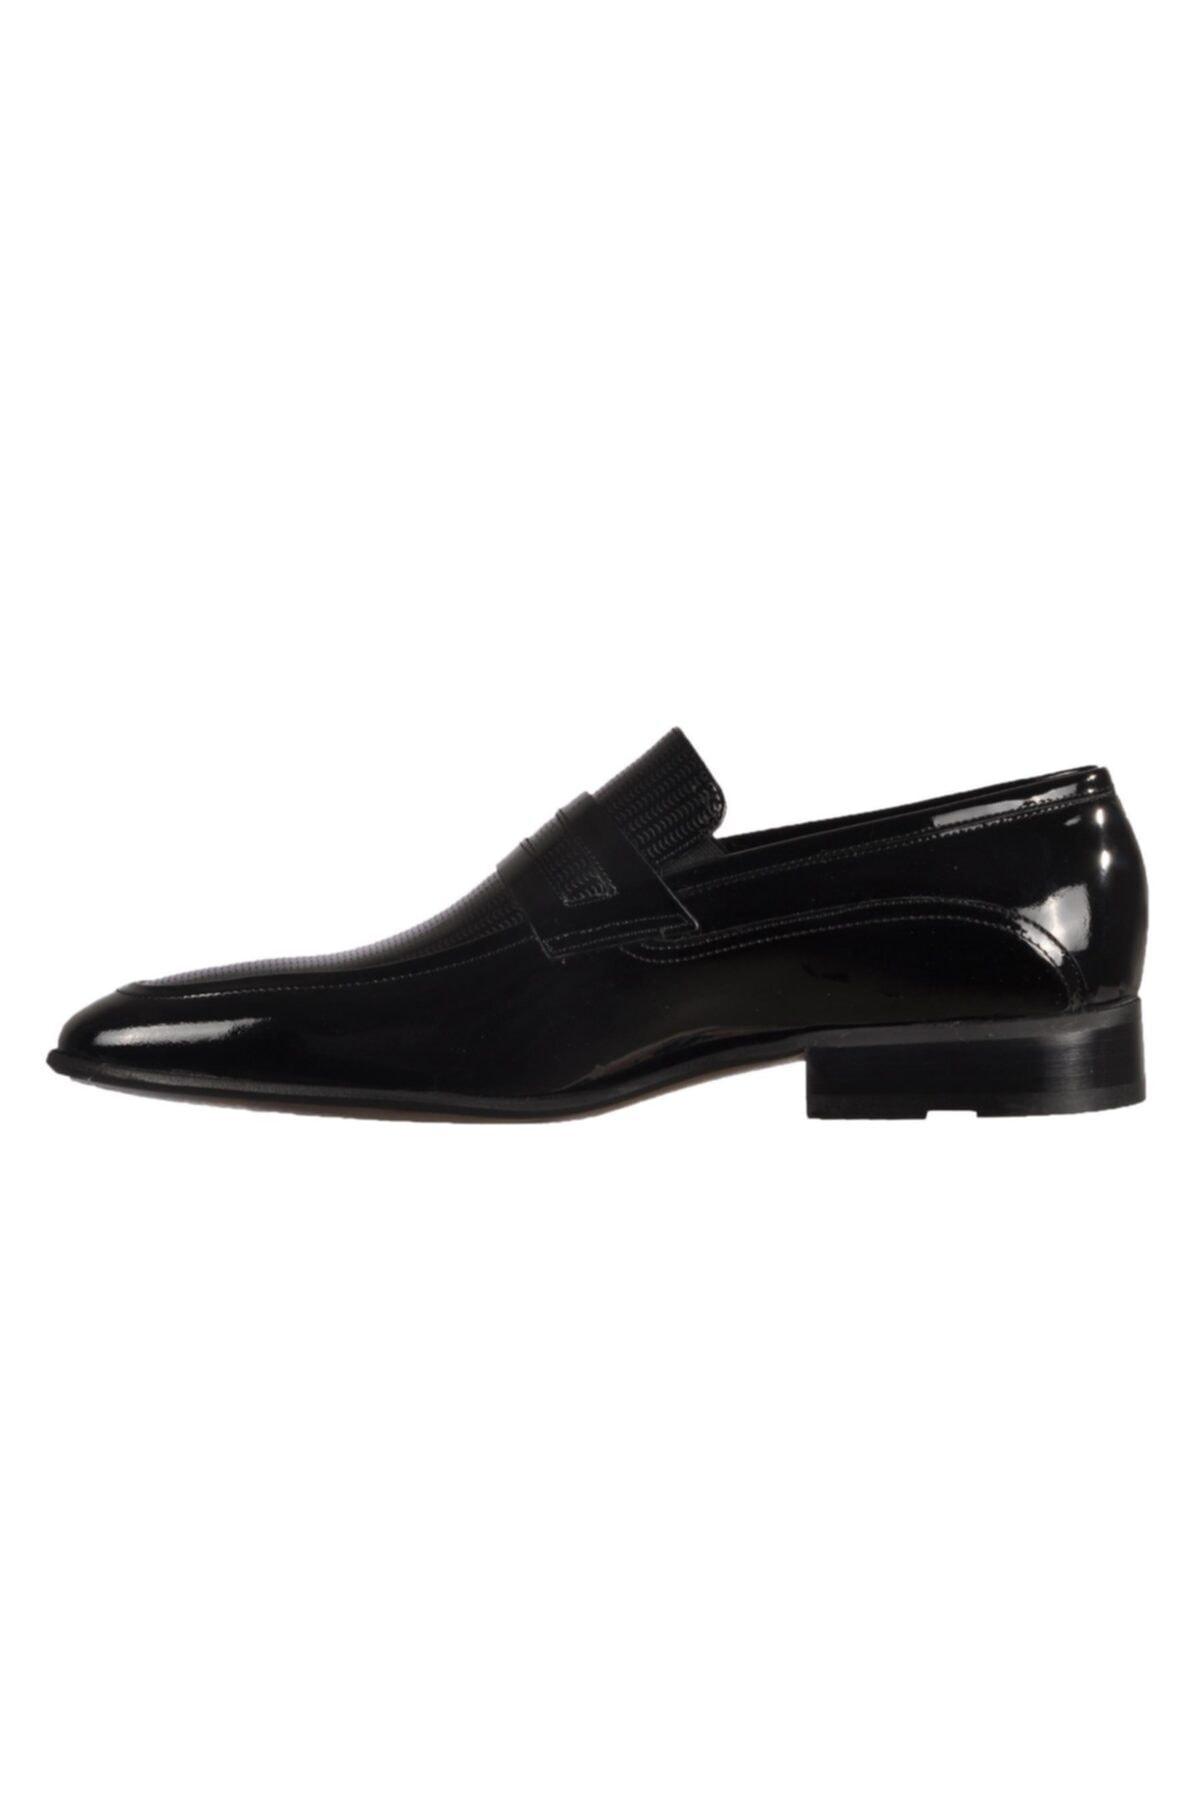 Fosco Siyah Rugan Erkek Hakiki Deri Klasik Ayakkabı 2